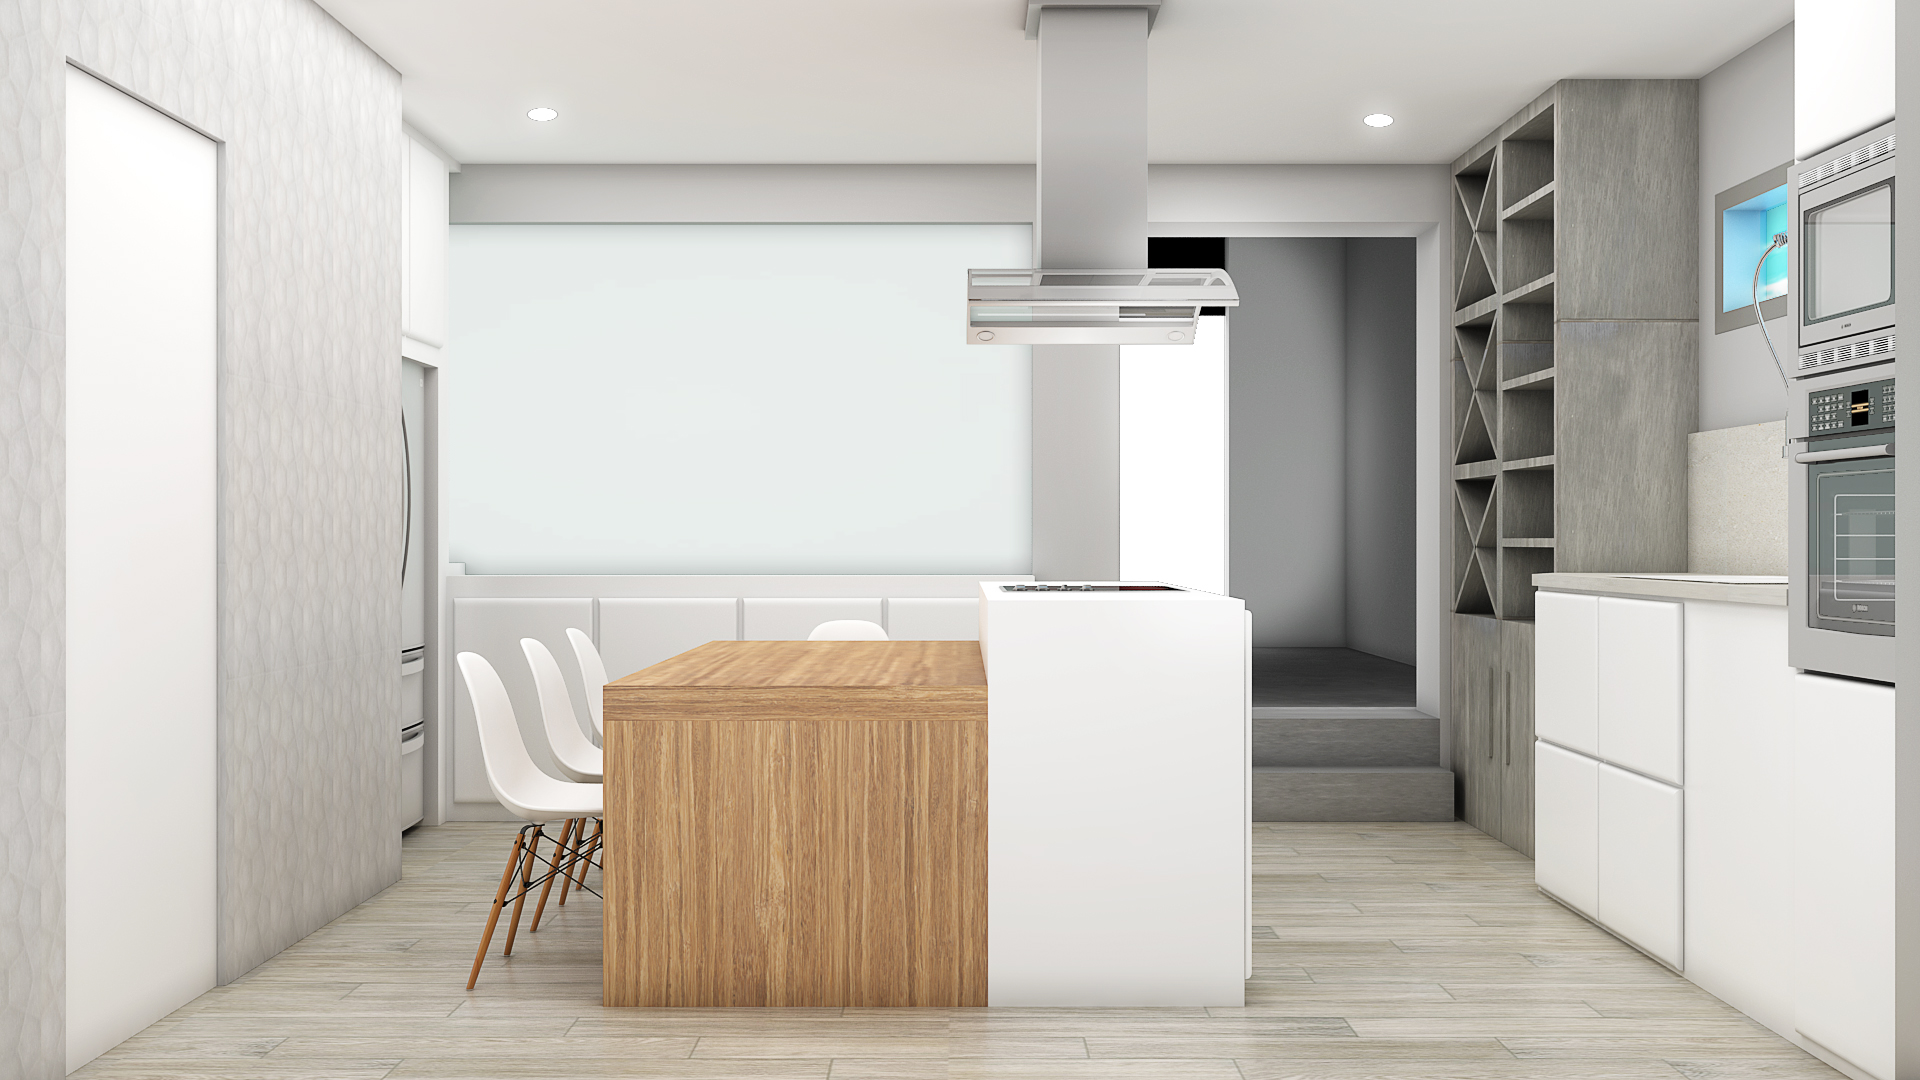 Proyecto de interiorismo y creaci n de mobiliario en for Cocina de creacion